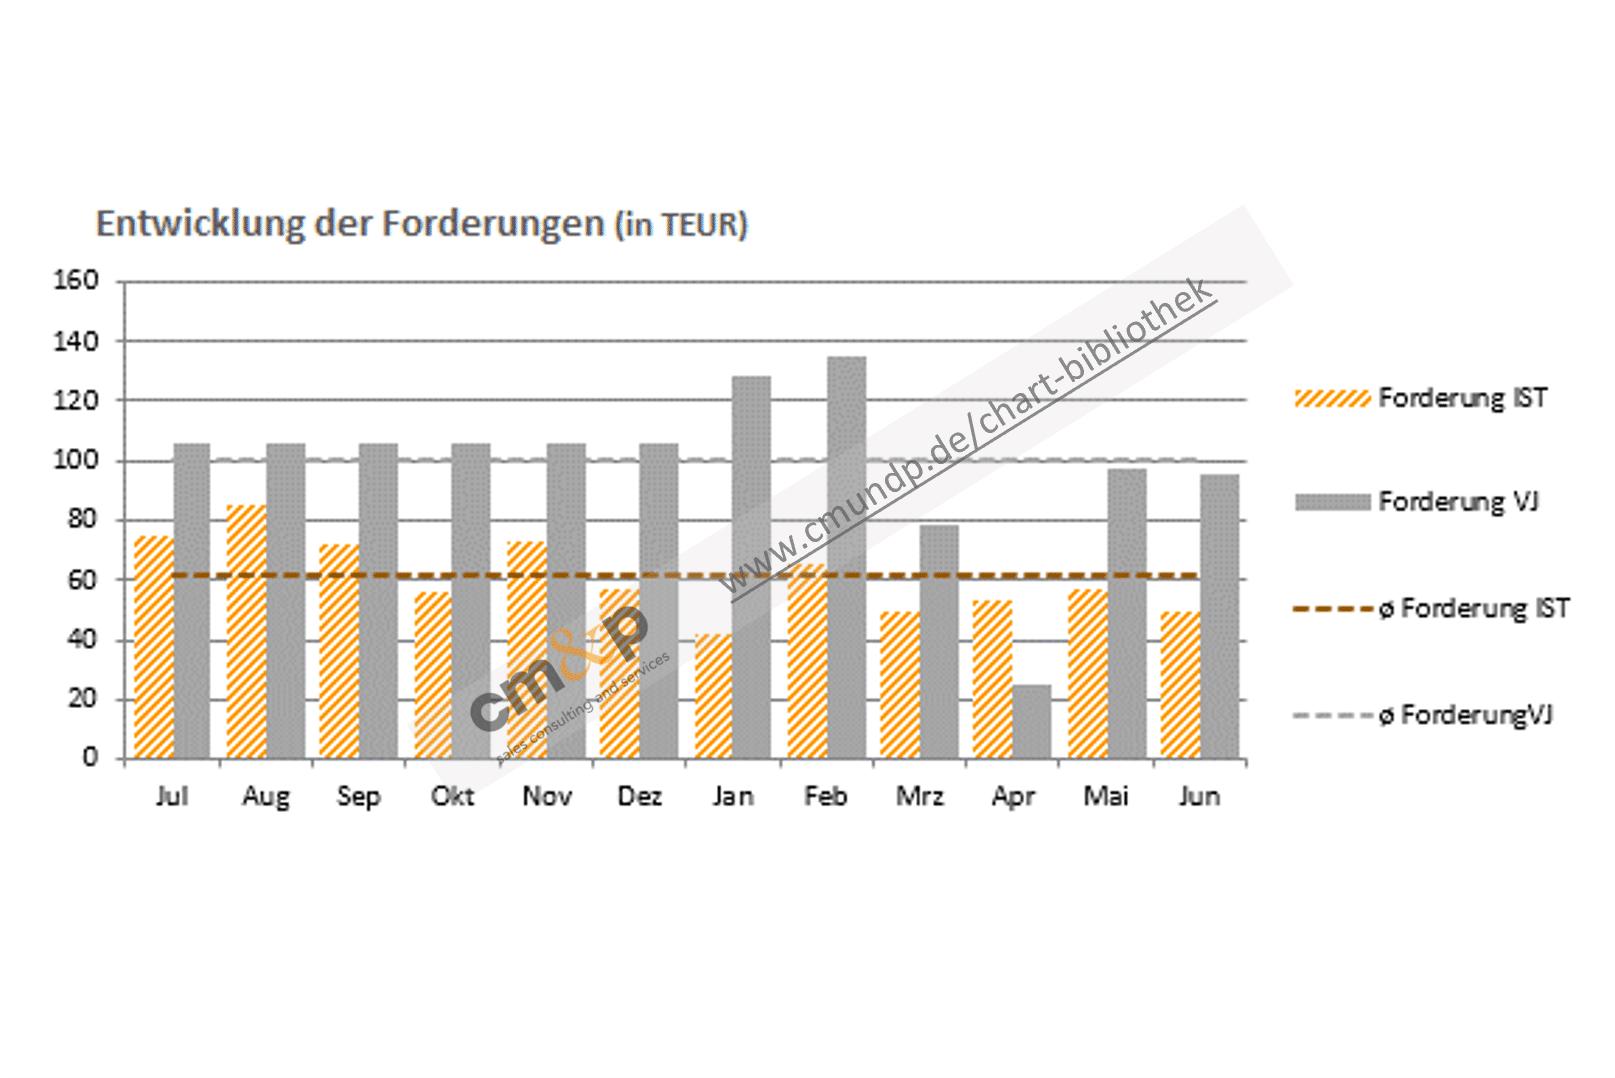 Darstellung der Forderungen des aktuellen Jahres und Vorjahres als Säulen in TEUR im Monatsvergleich Abbildung der Ø-Forderungen des aktuellen Jahres und Vorjahres als Linie in TEUR